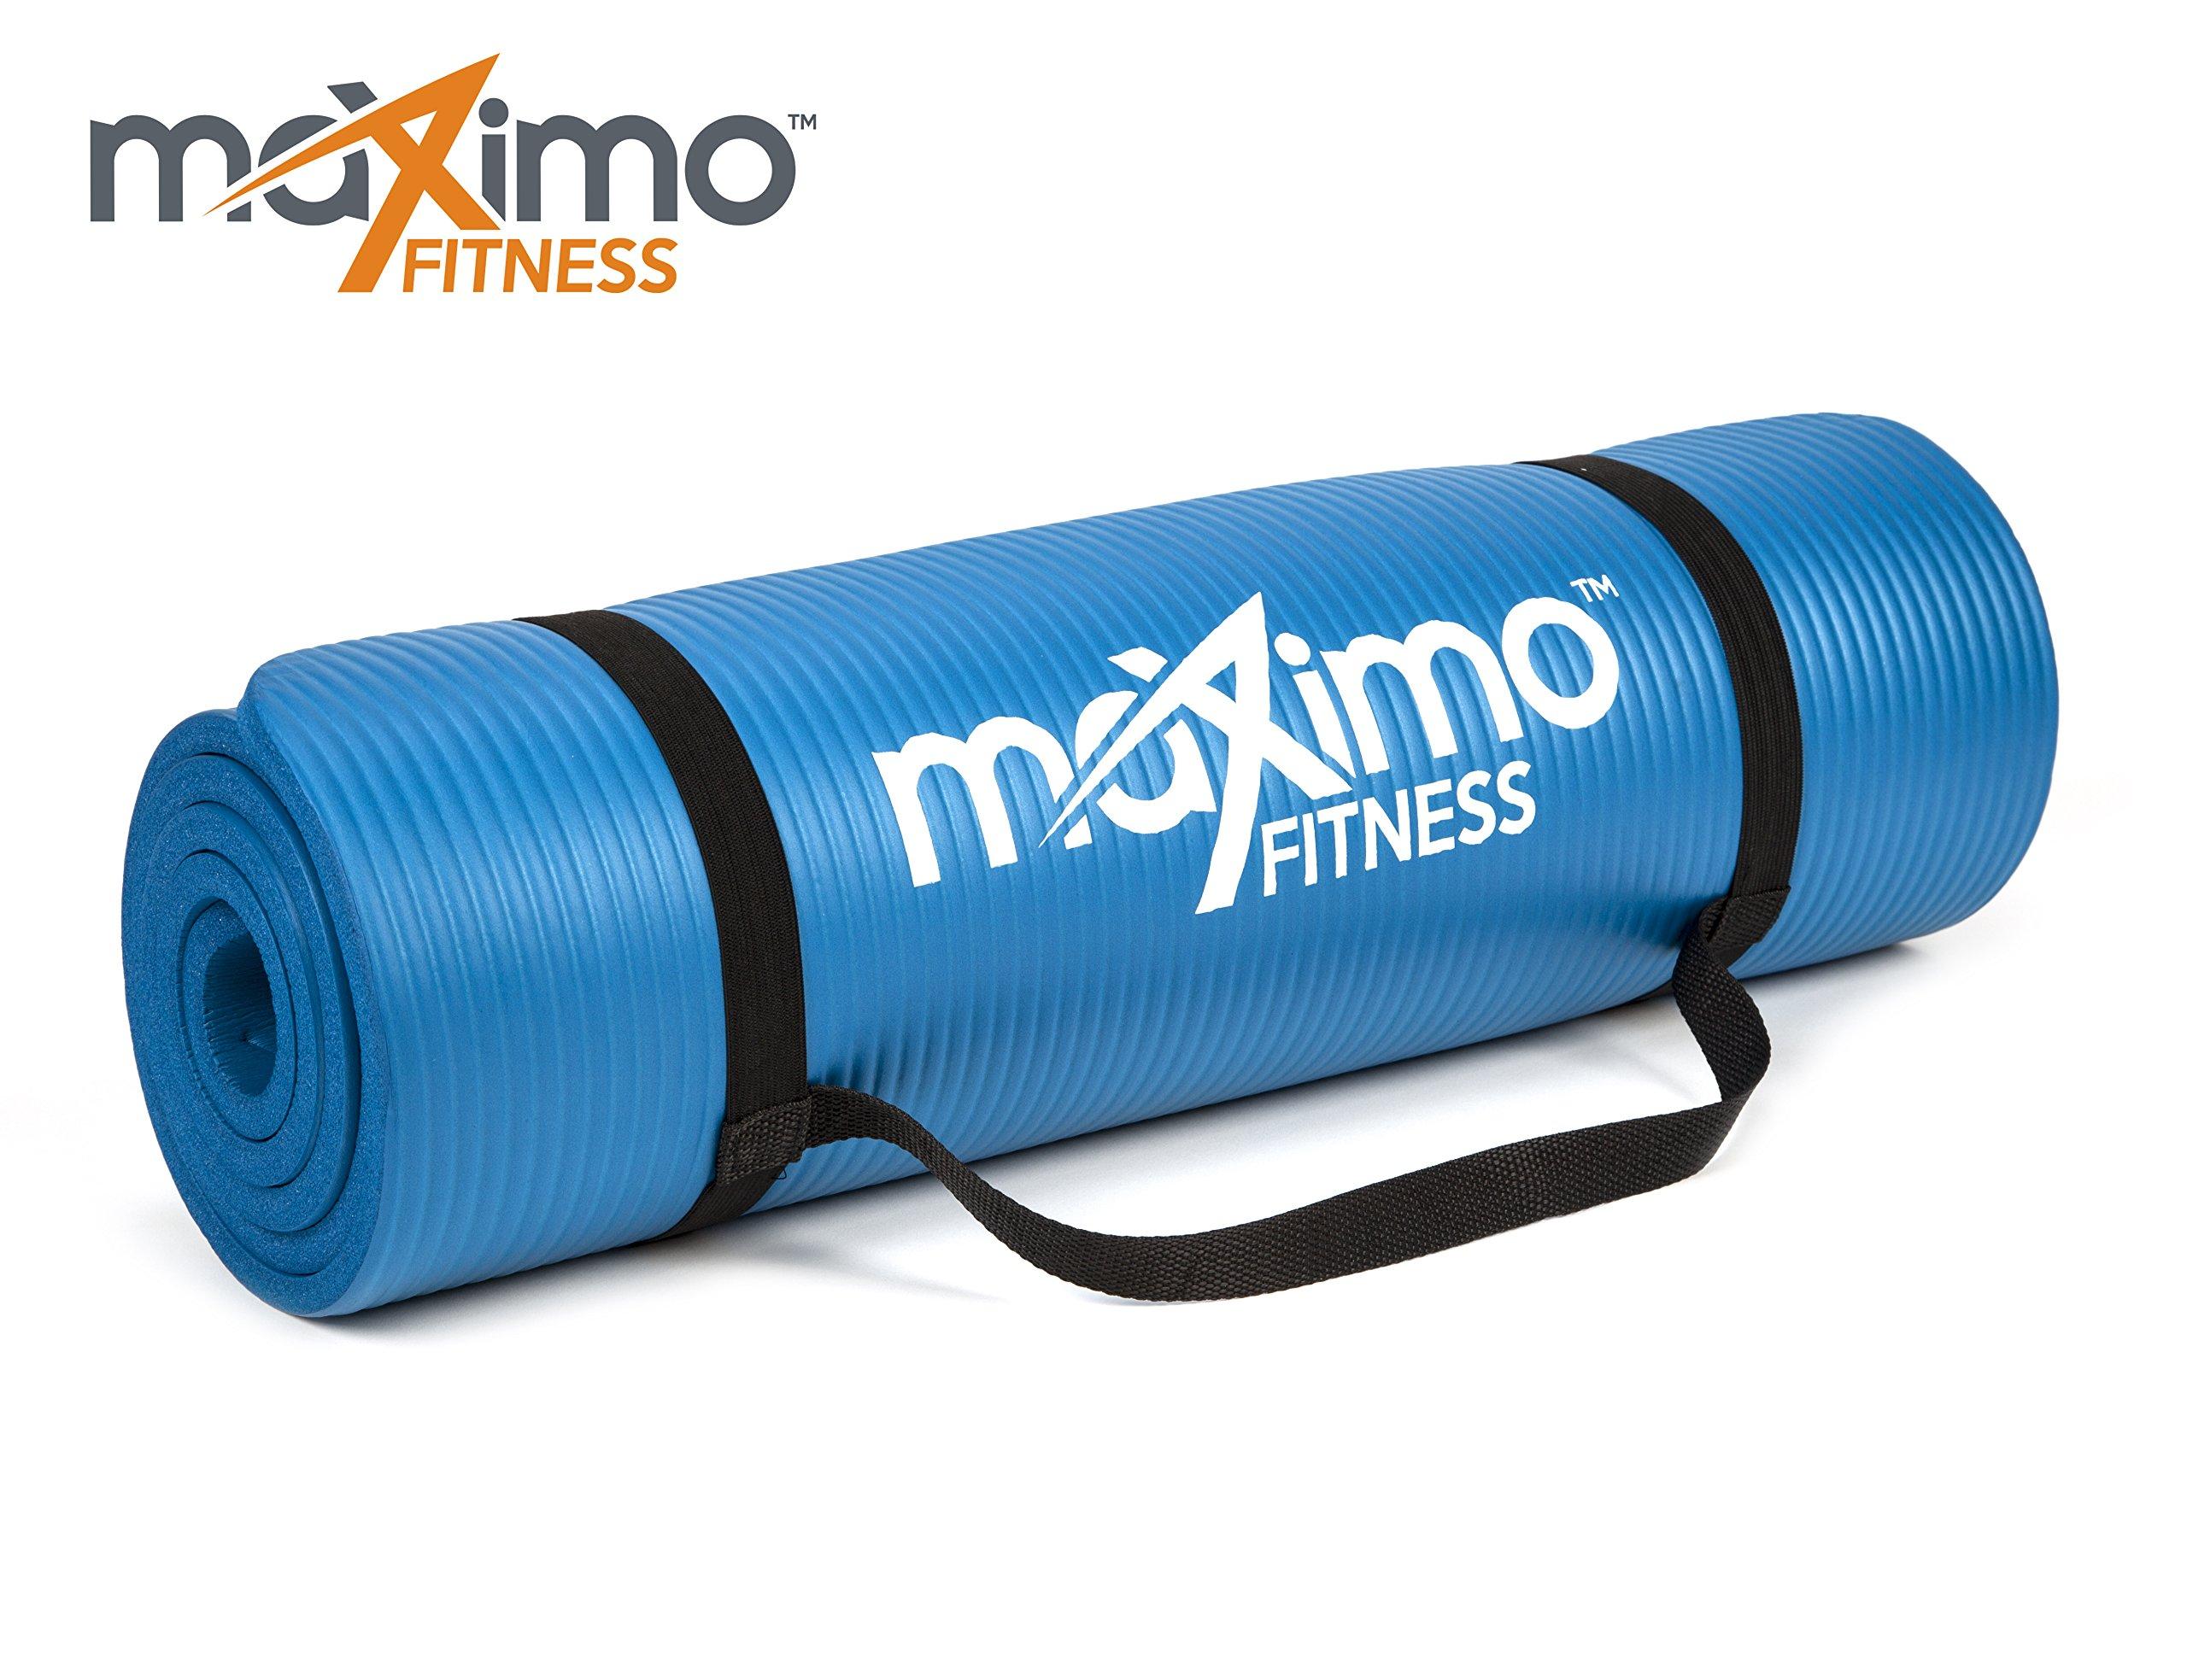 Maximo Fitness Colchoneta de Ejercicios – 183cm de Longitud x 60cm de Ancho x 1,2cm de Grosor.